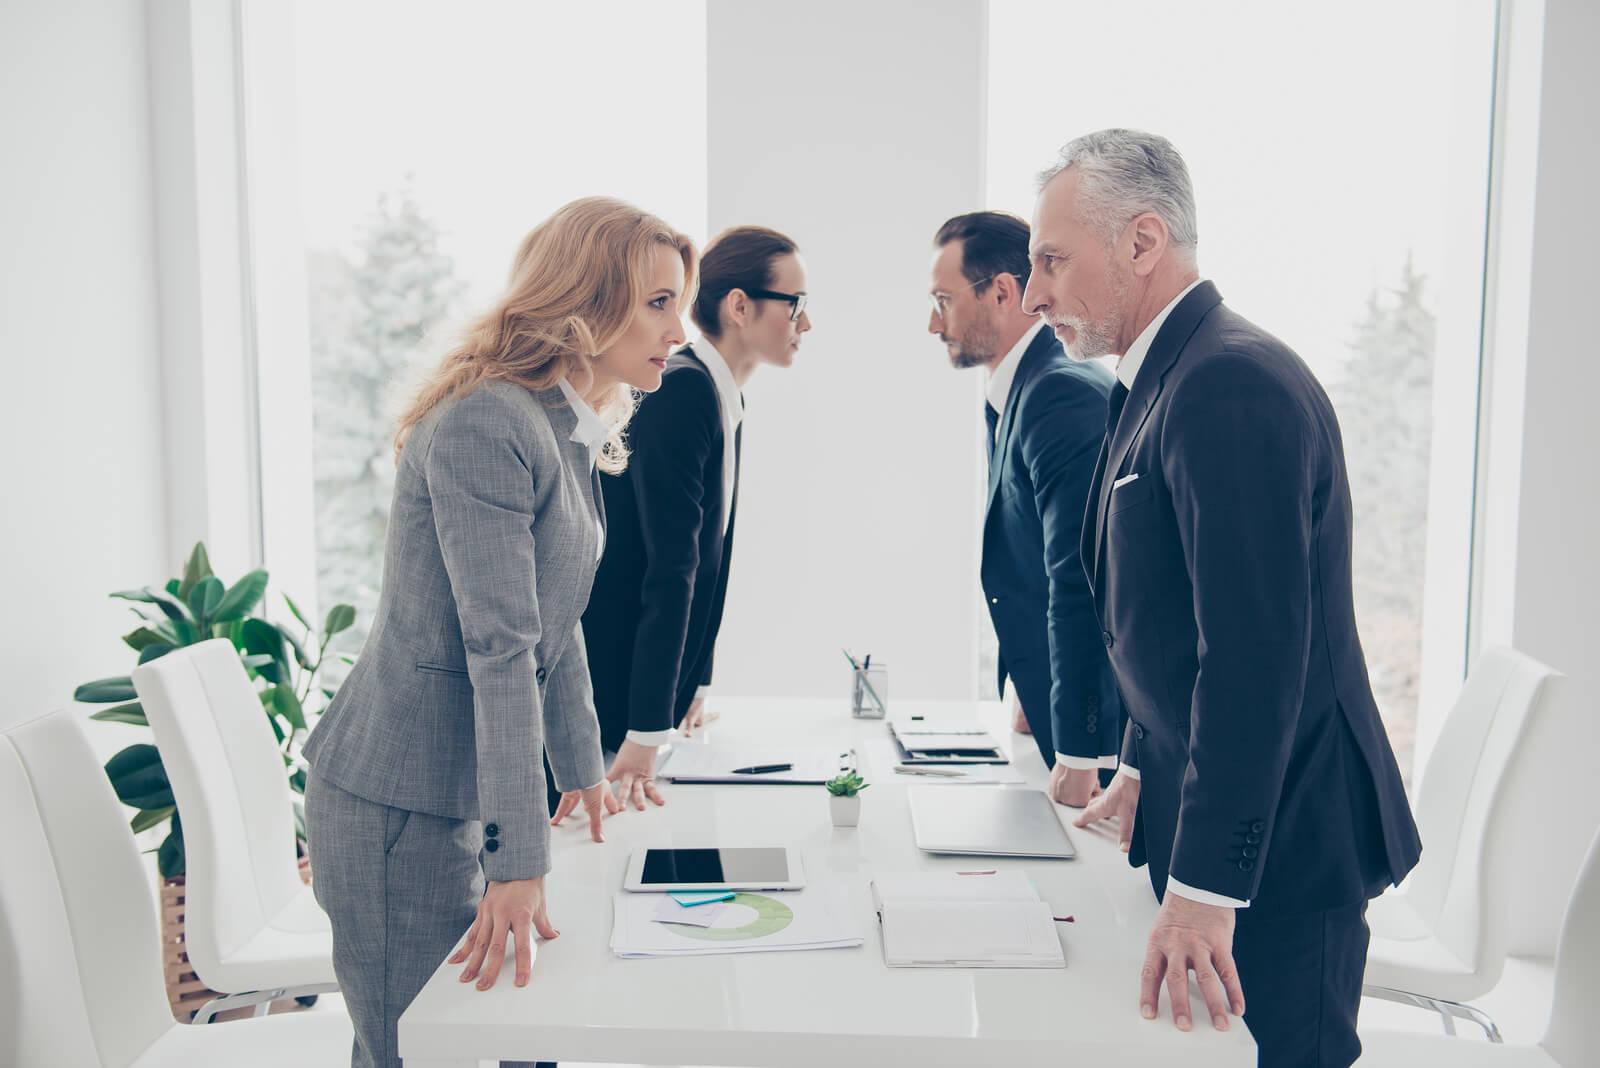 Tipos de conflictos: 5 tipos de conflictos laborales en una empresa